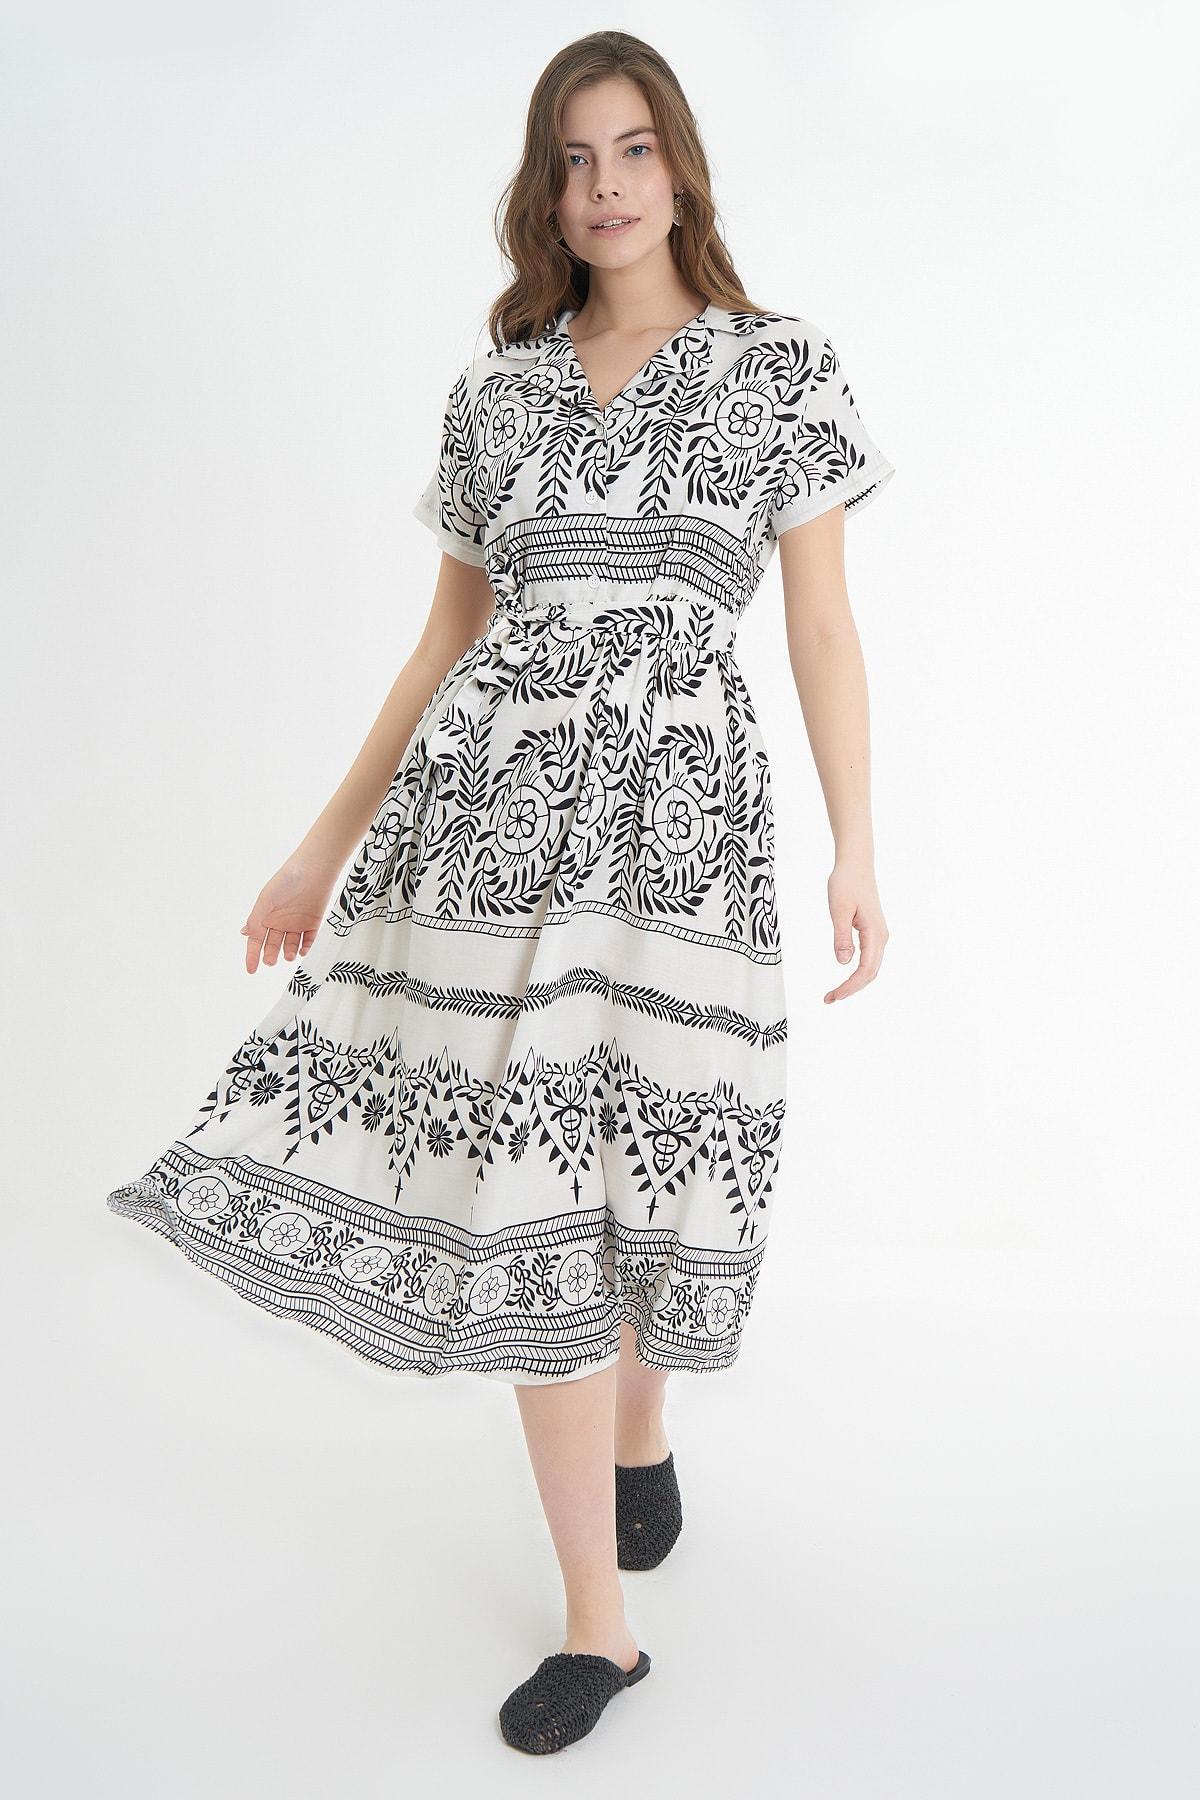 Kadın Kuşaklı Kısa Kollu Elbise P21s110-6022